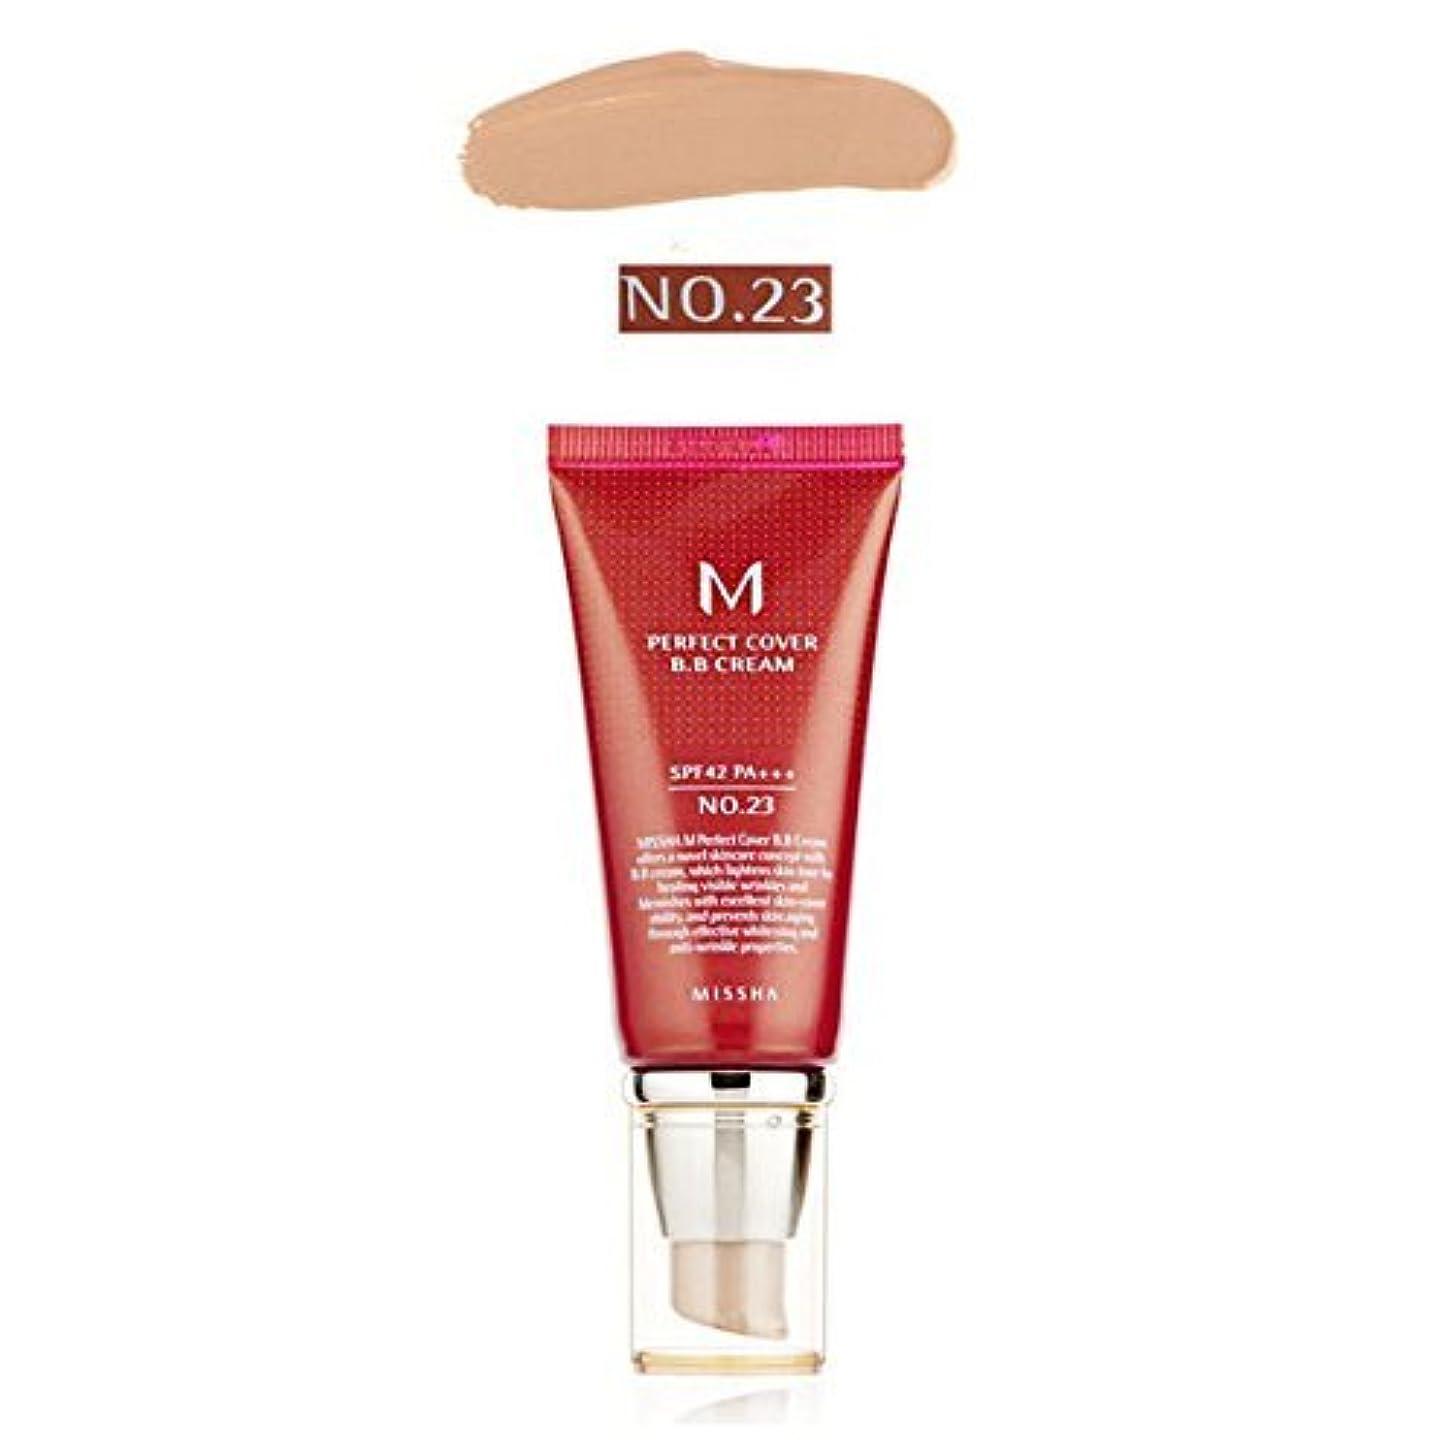 保護メッセージほかに[ミシャ] MISSHA [M パーフェクト カバー BBクリーム 21号 / 23号50ml] (M Perfect Cover BB cream 21号 / 23号 50ml) SPF42 PA+++ (Type5...